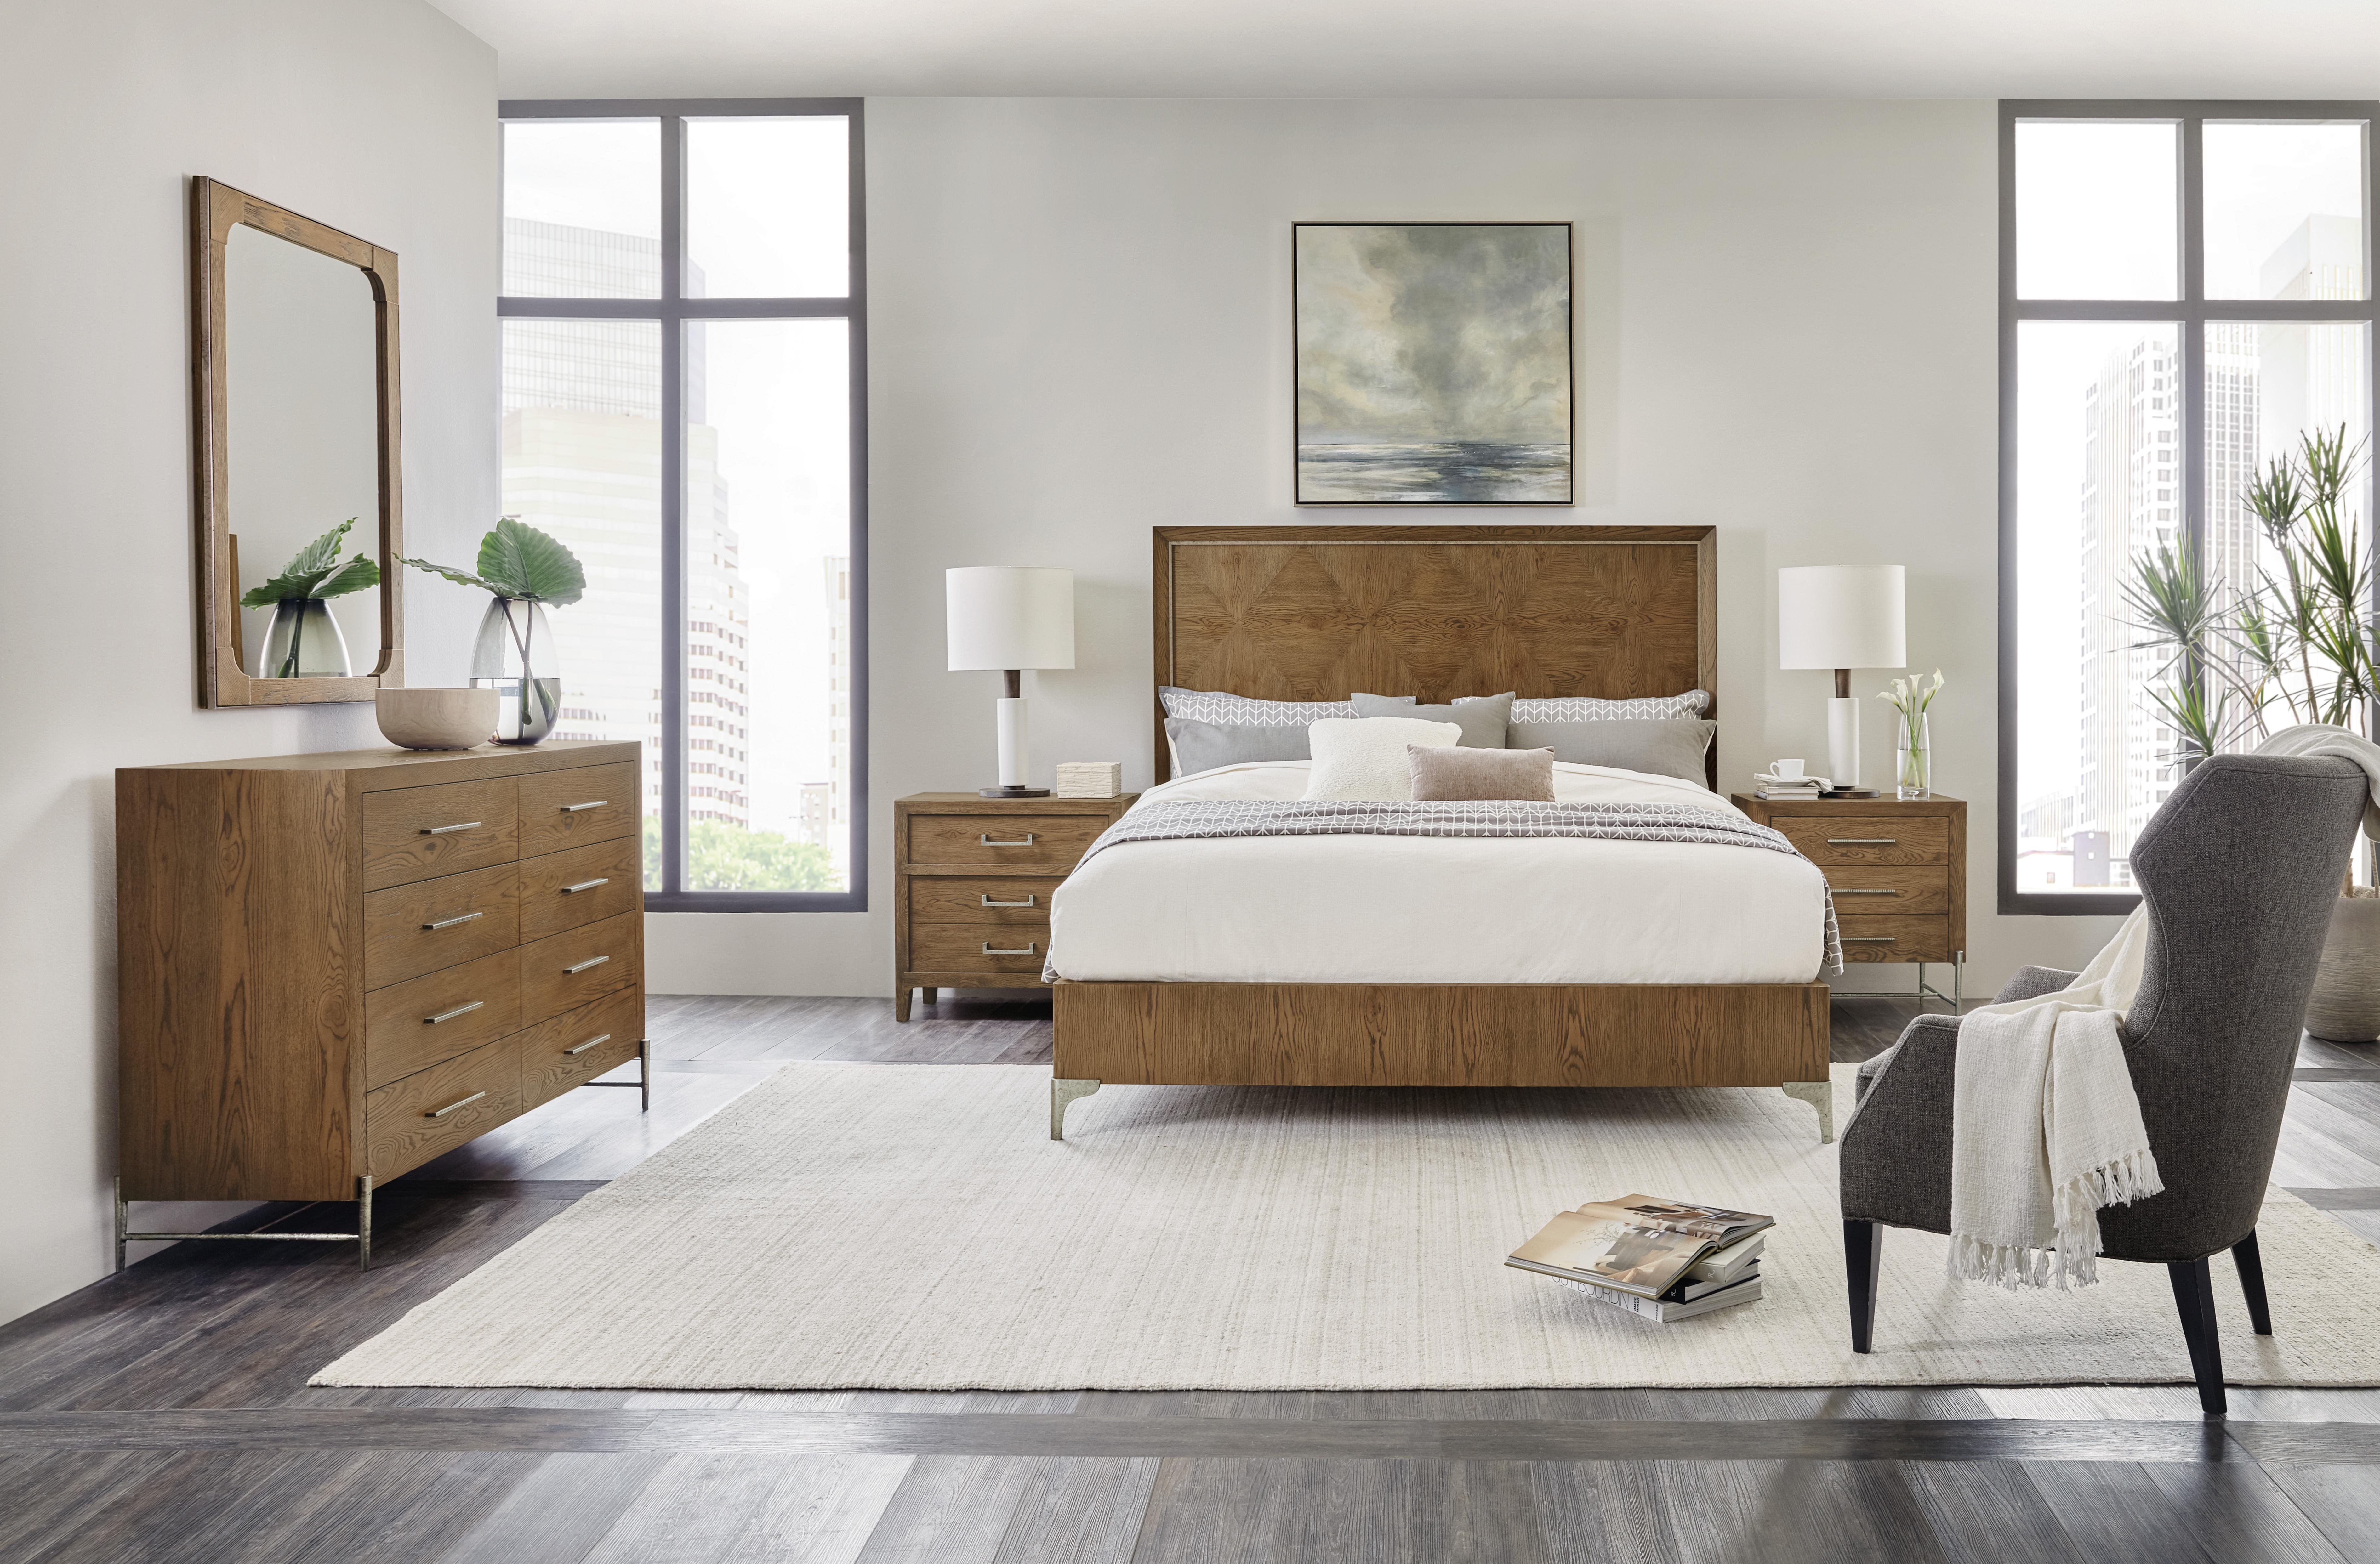 King 5-Piece Bedroom Set